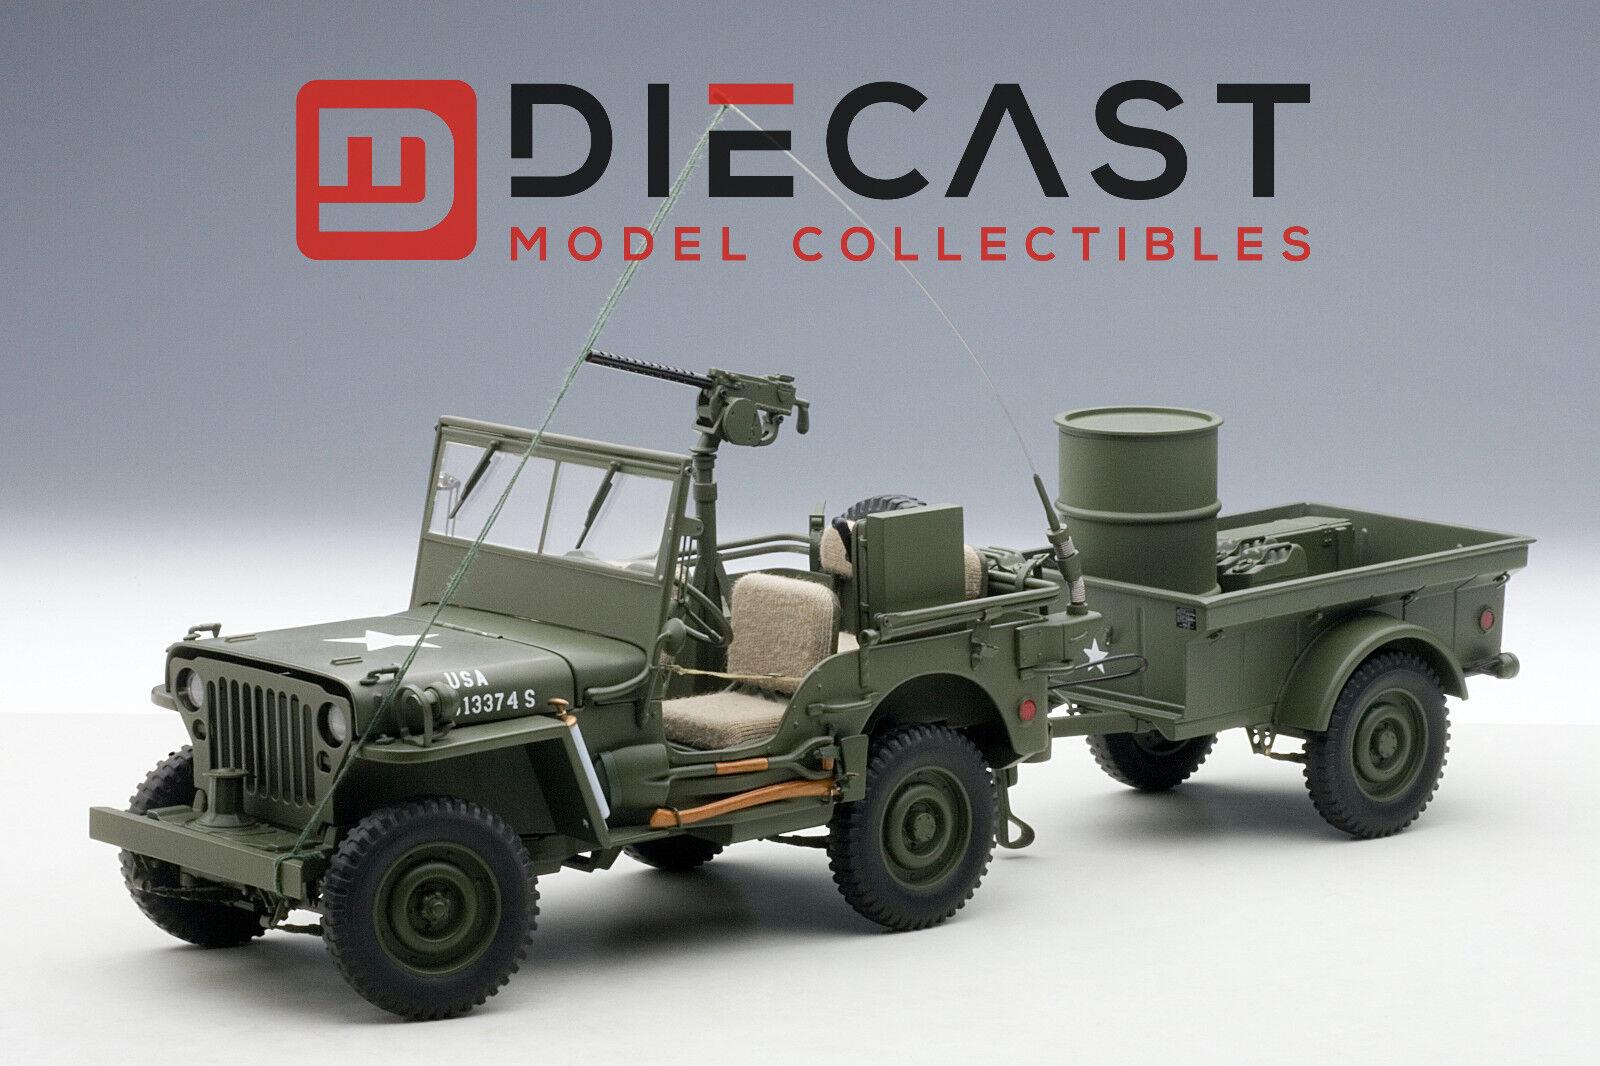 genuina alta calidad Autoart 74016 Jeep Willys verde Militar Con Con Con Remolque Accesorios Incluidos 1 18TH Escala  caliente